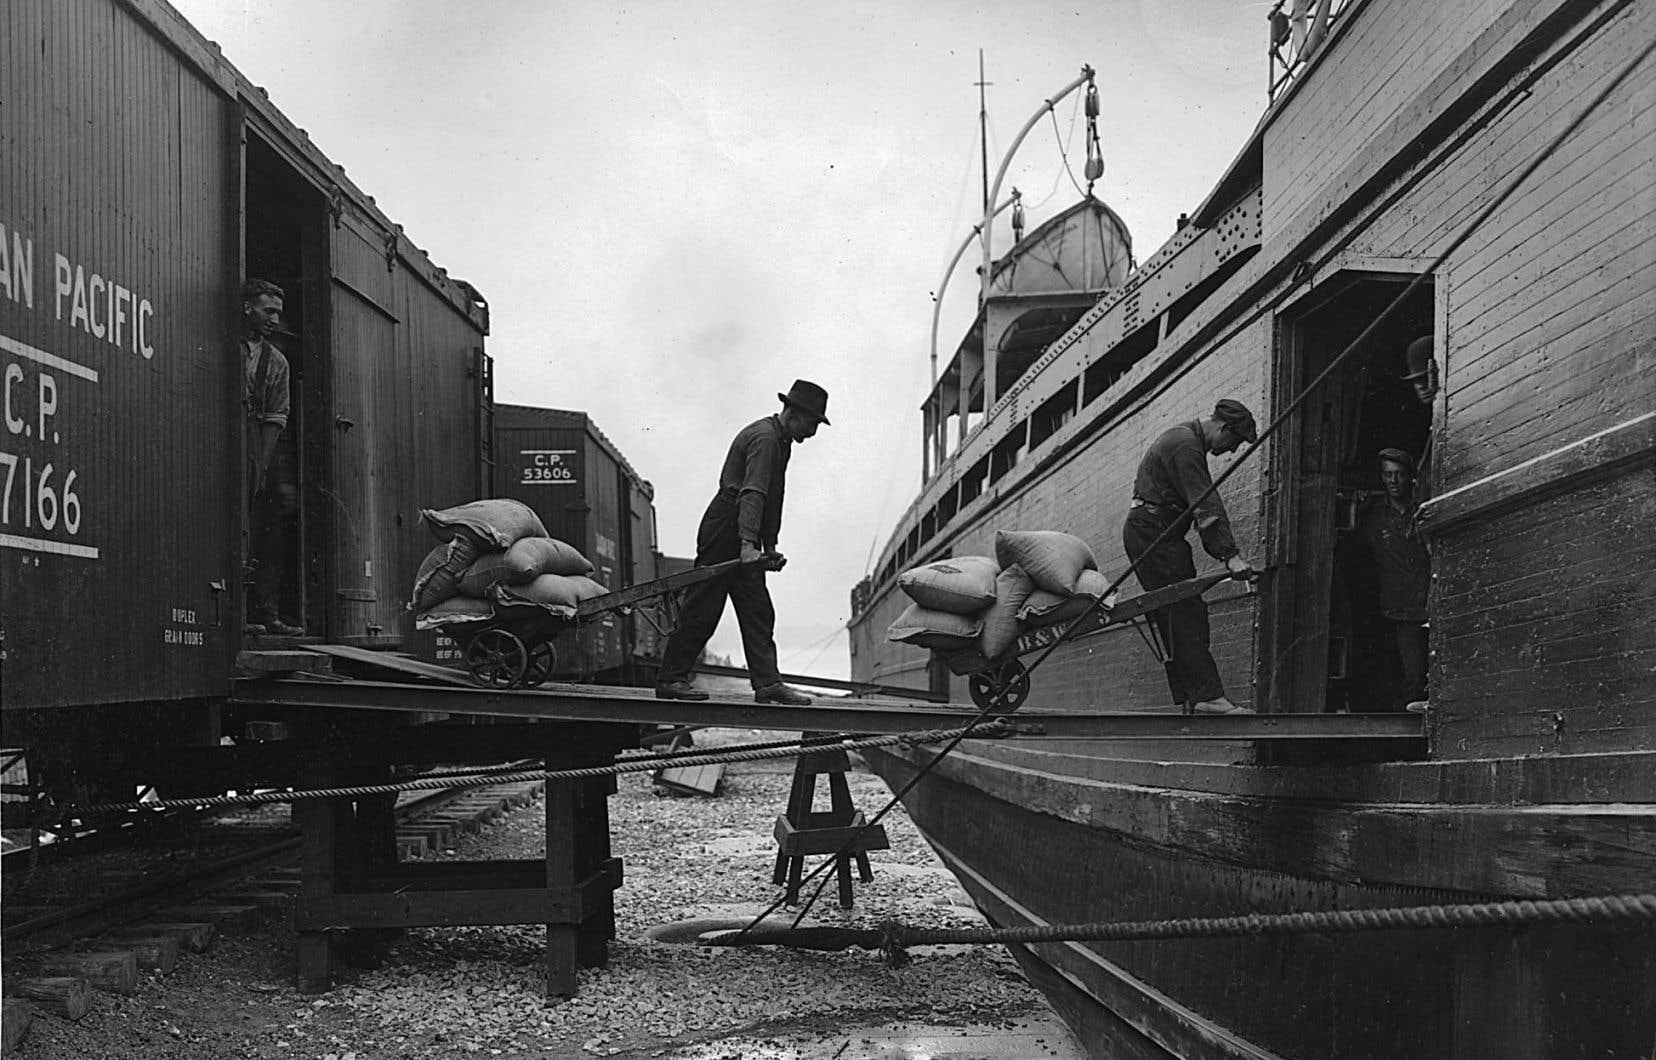 Chargement de sacs de grains au port de Montréal, vers 1920